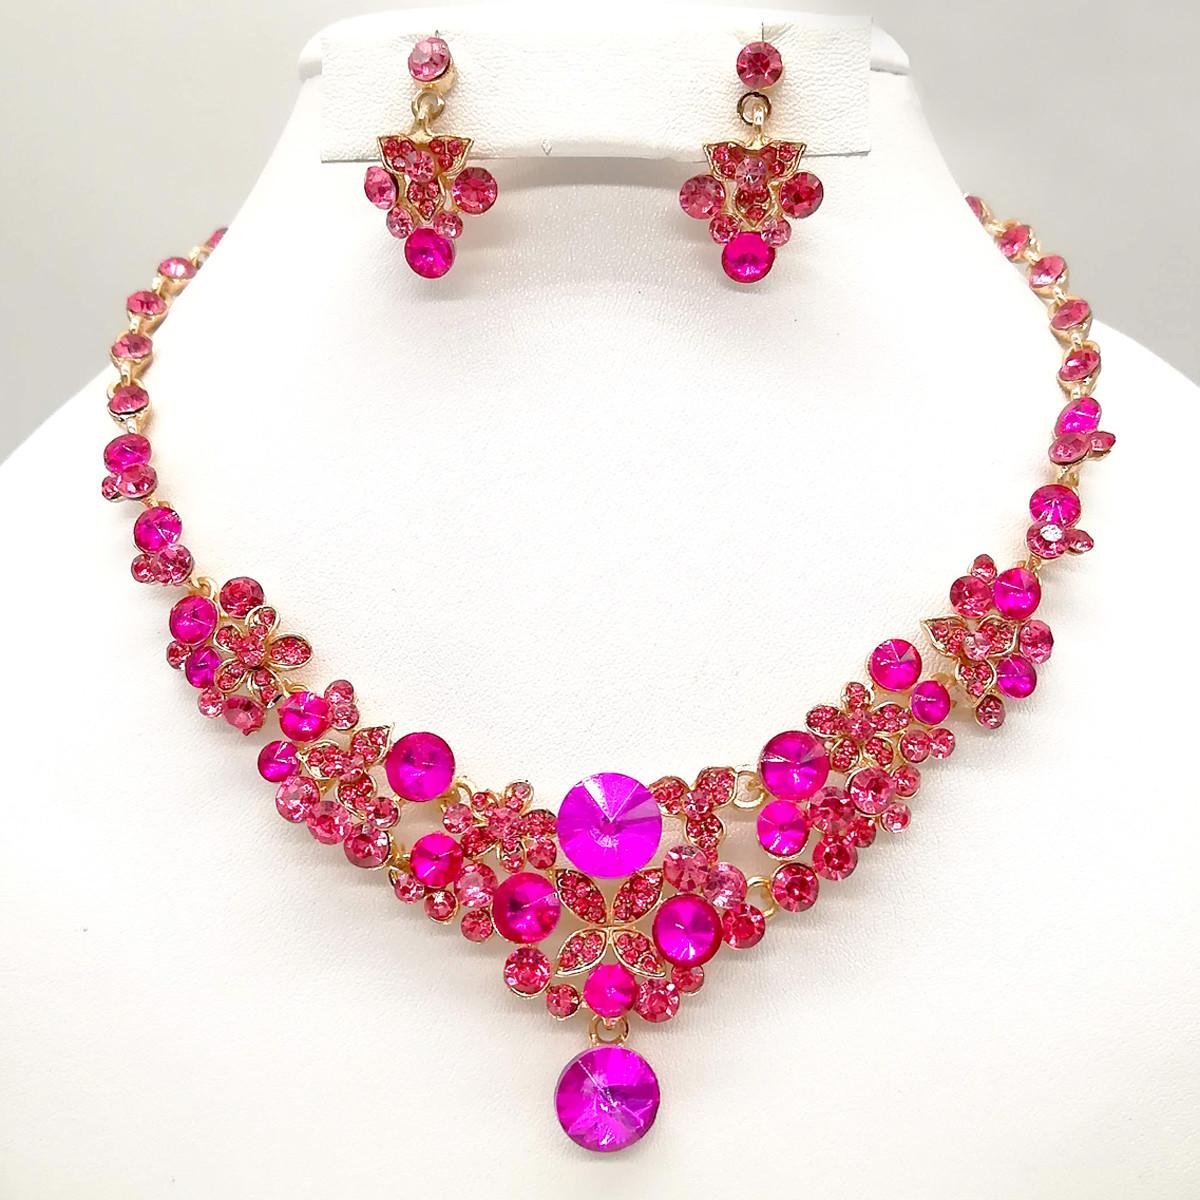 Комплект SONATA (Колье + серьги), розовые фианиты, позолота 18К, 63370